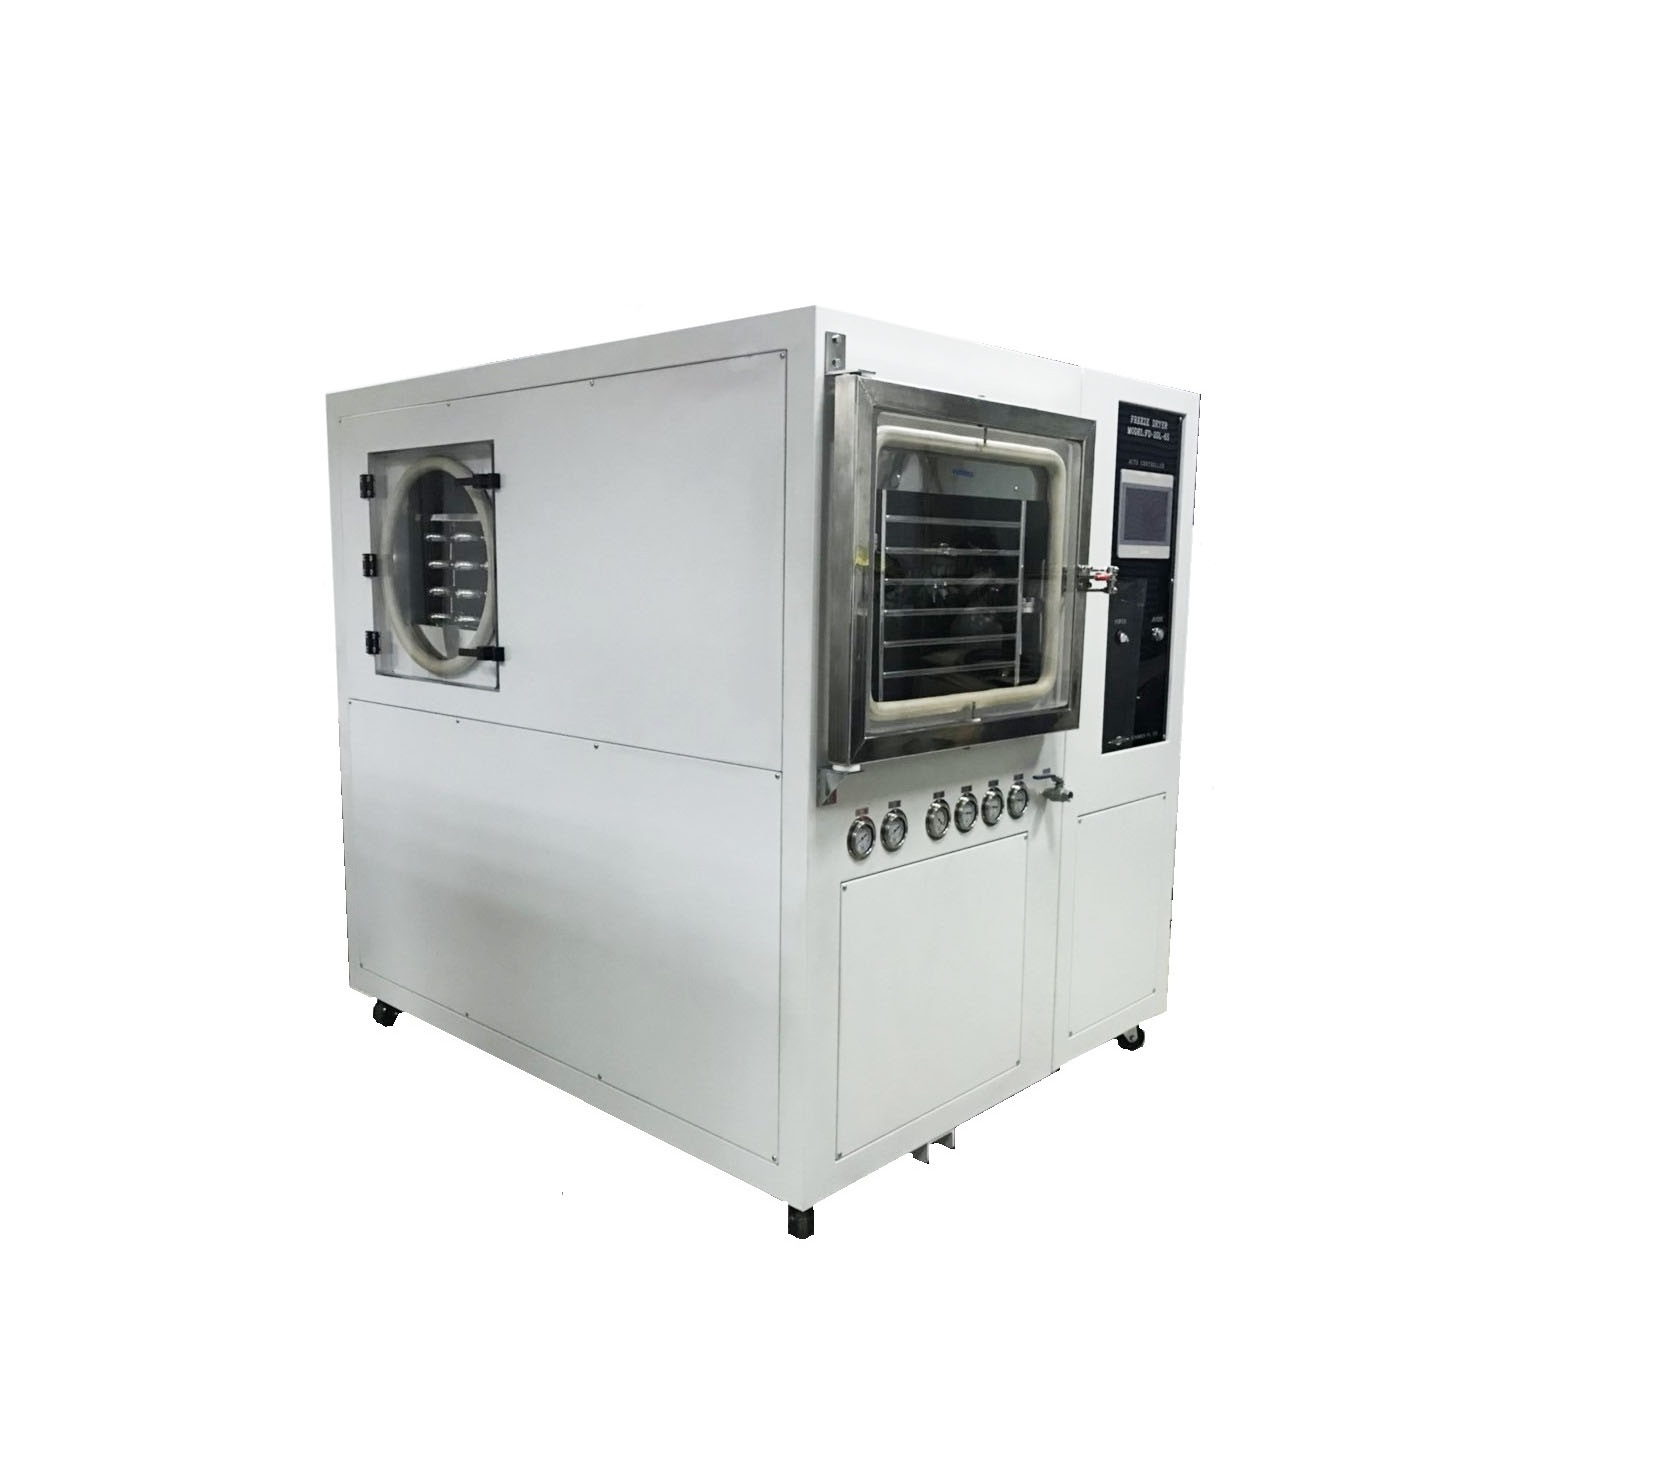 FD20L-7S生產型冷凍乾燥機(雙倉)產品圖-0